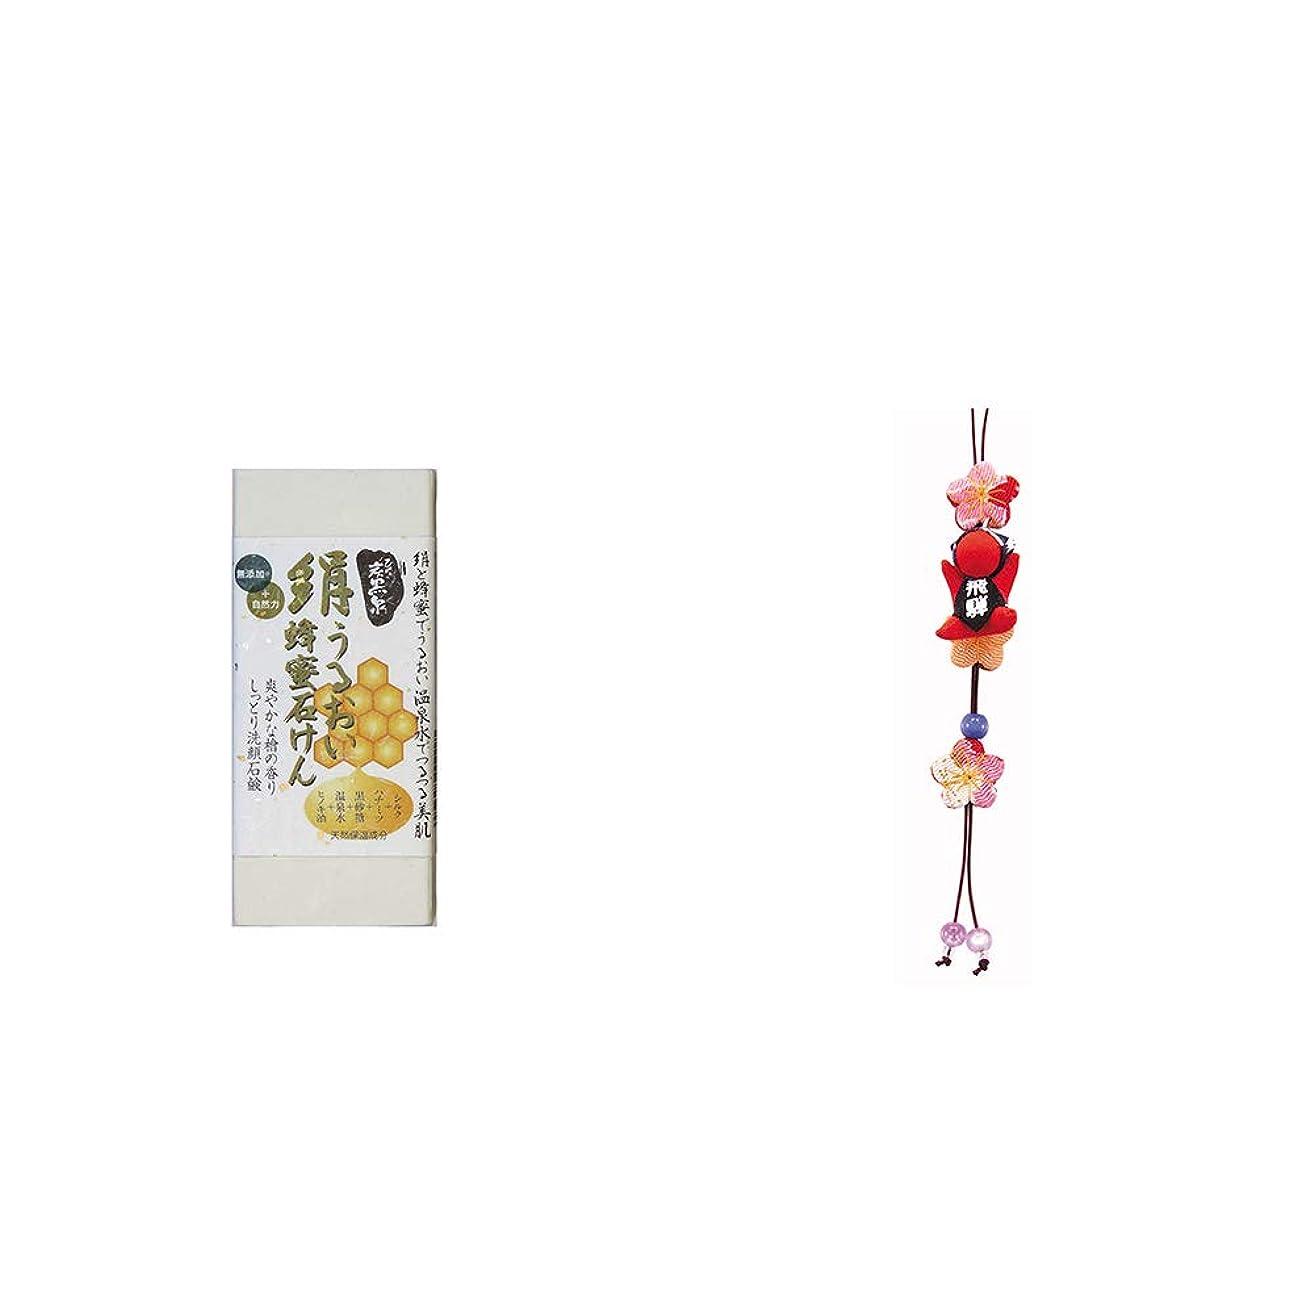 感じるお祝い定刻[2点セット] ひのき炭黒泉 絹うるおい蜂蜜石けん(75g×2)?豆さるぼぼ 和風ストラップ【赤】 / 縁結び?魔除け //